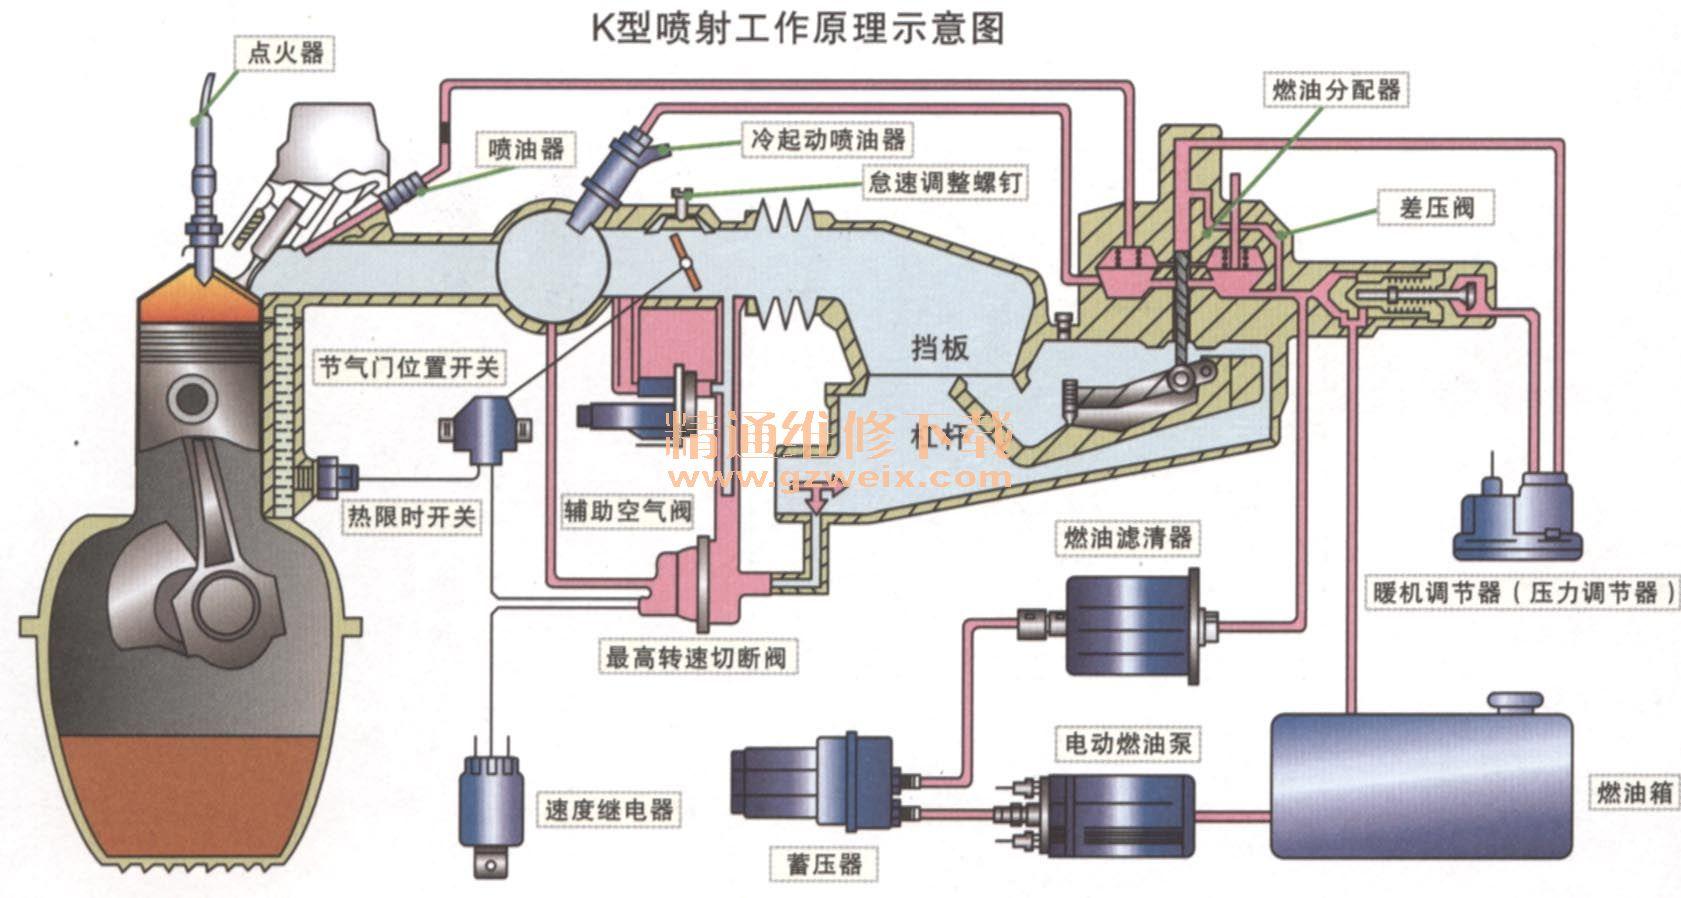 三缸柱塞泵_新手篇—图文讲解发动机电控系统维修 - 精通维修下载